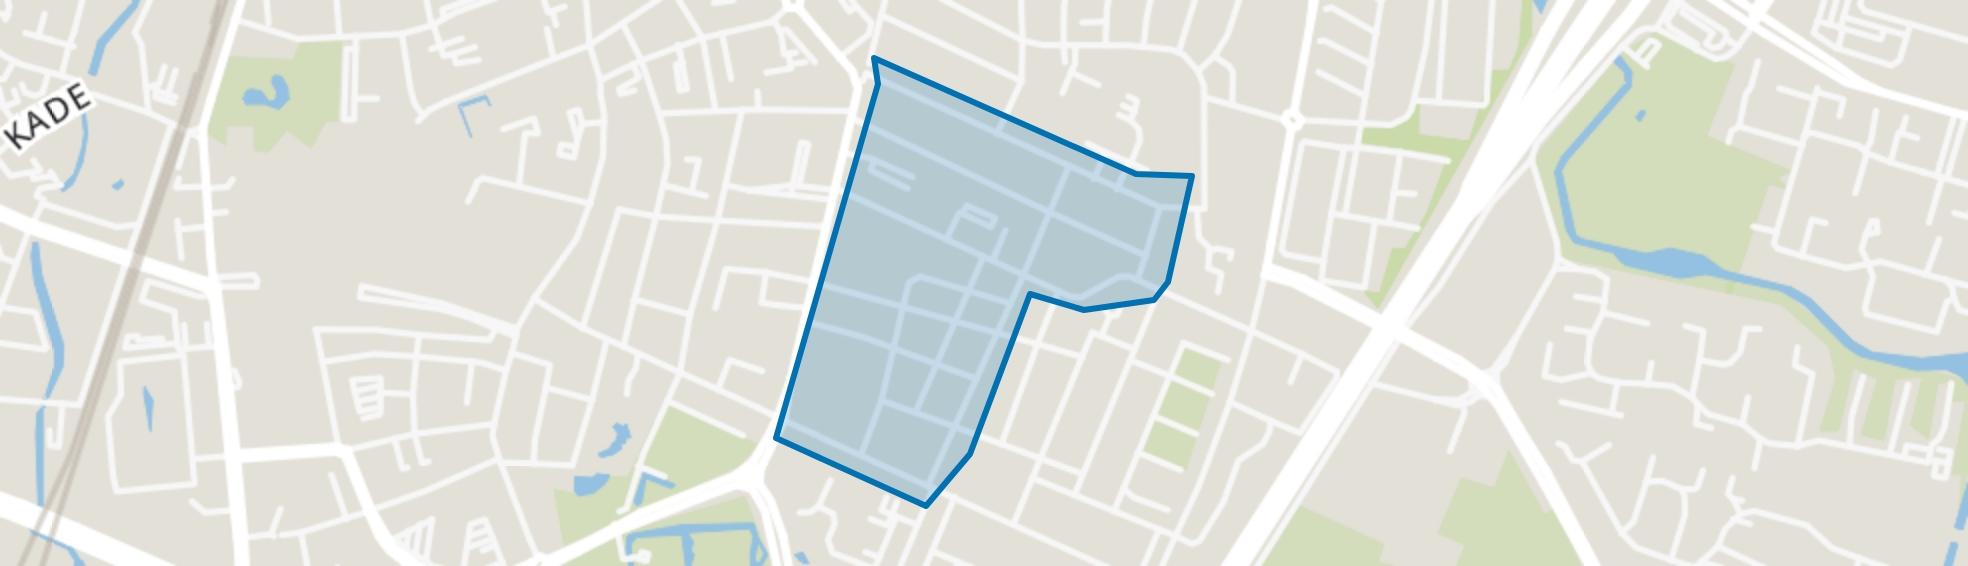 Sint Josephbuurt, Roosendaal map